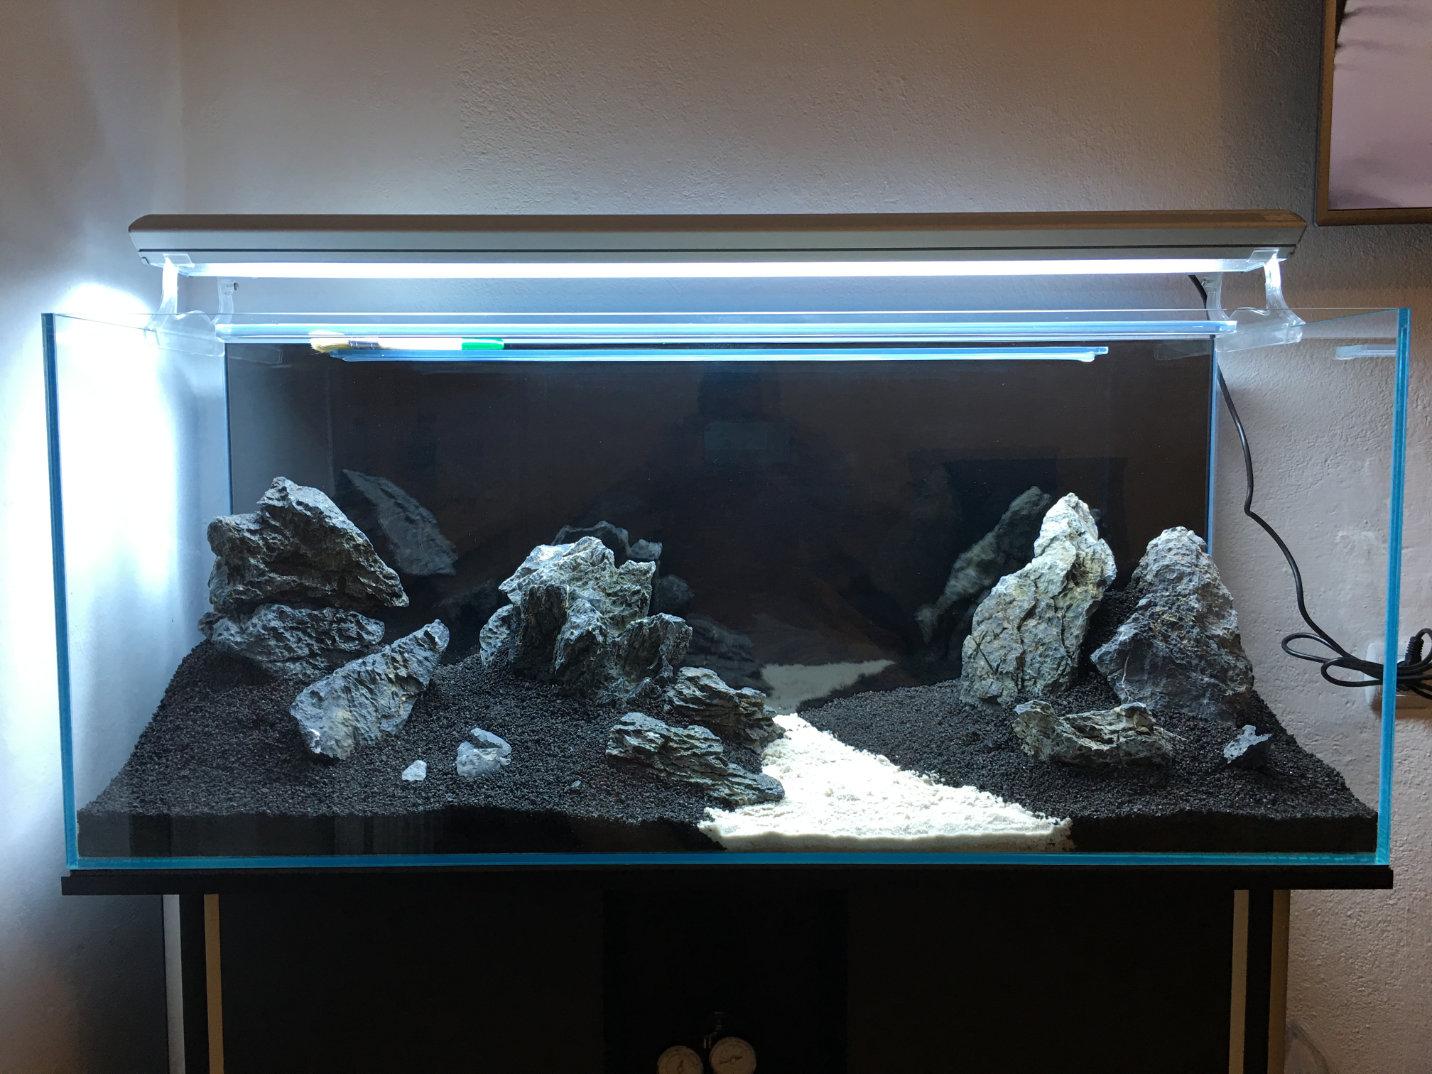 240l tutorial ein aquarium einrichten. Black Bedroom Furniture Sets. Home Design Ideas